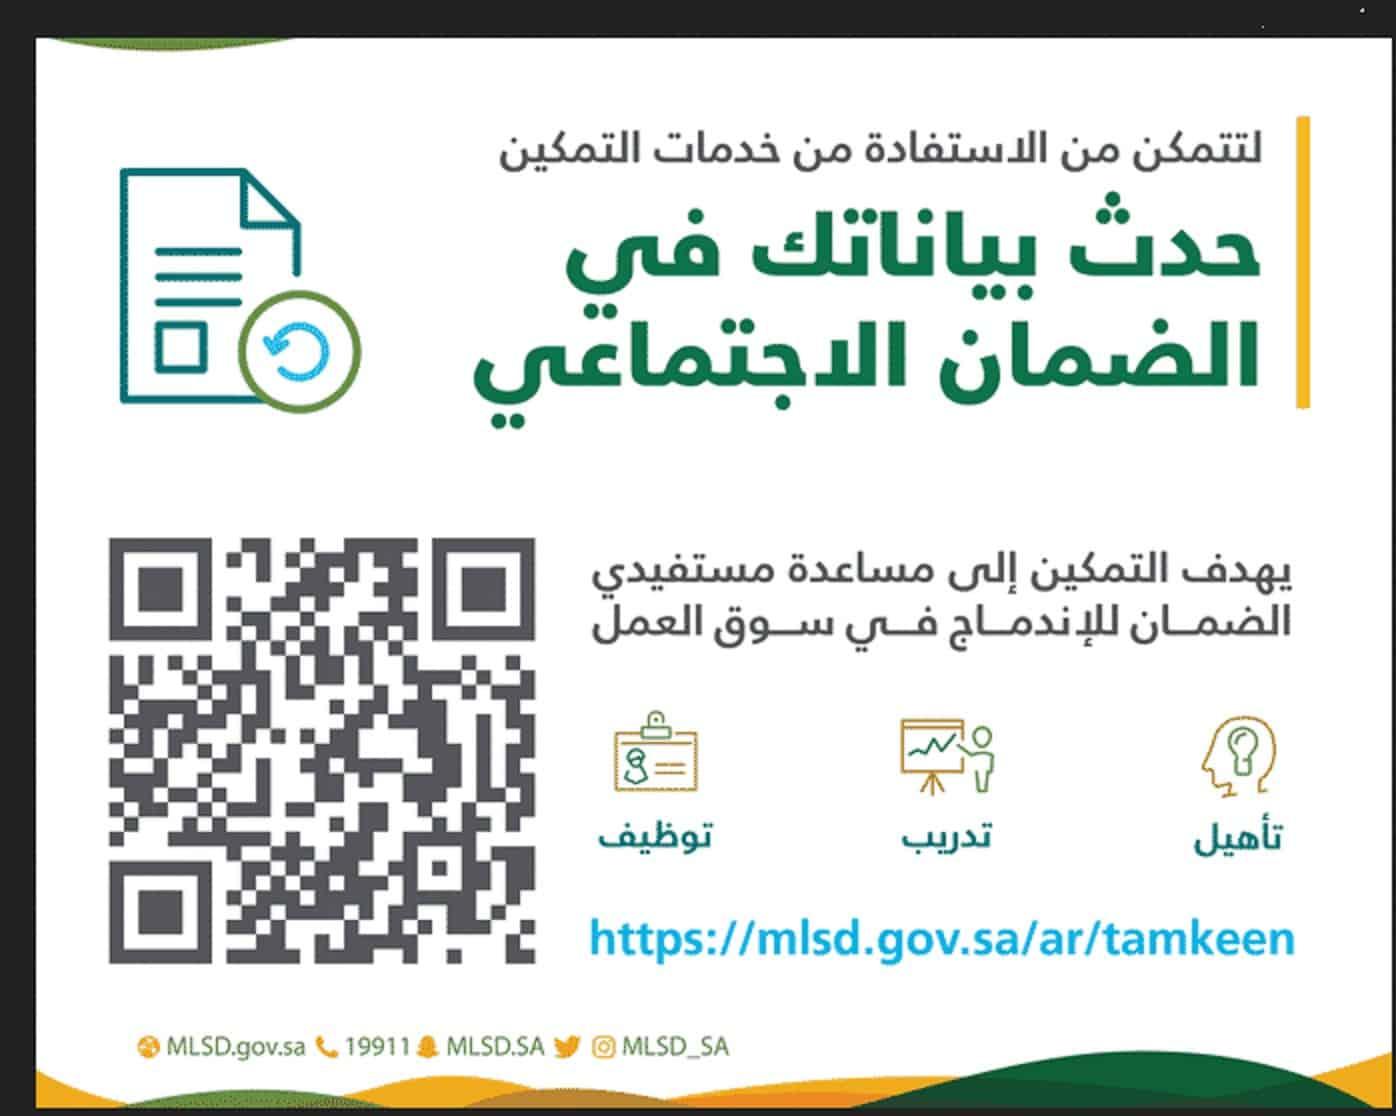 مواعيد نزول راتب الضمان الاجتماعي 1442 لـ جميع الأشهر القادمة وزارة الموارد البشرية والتنمية الاجتماعية ثقفني